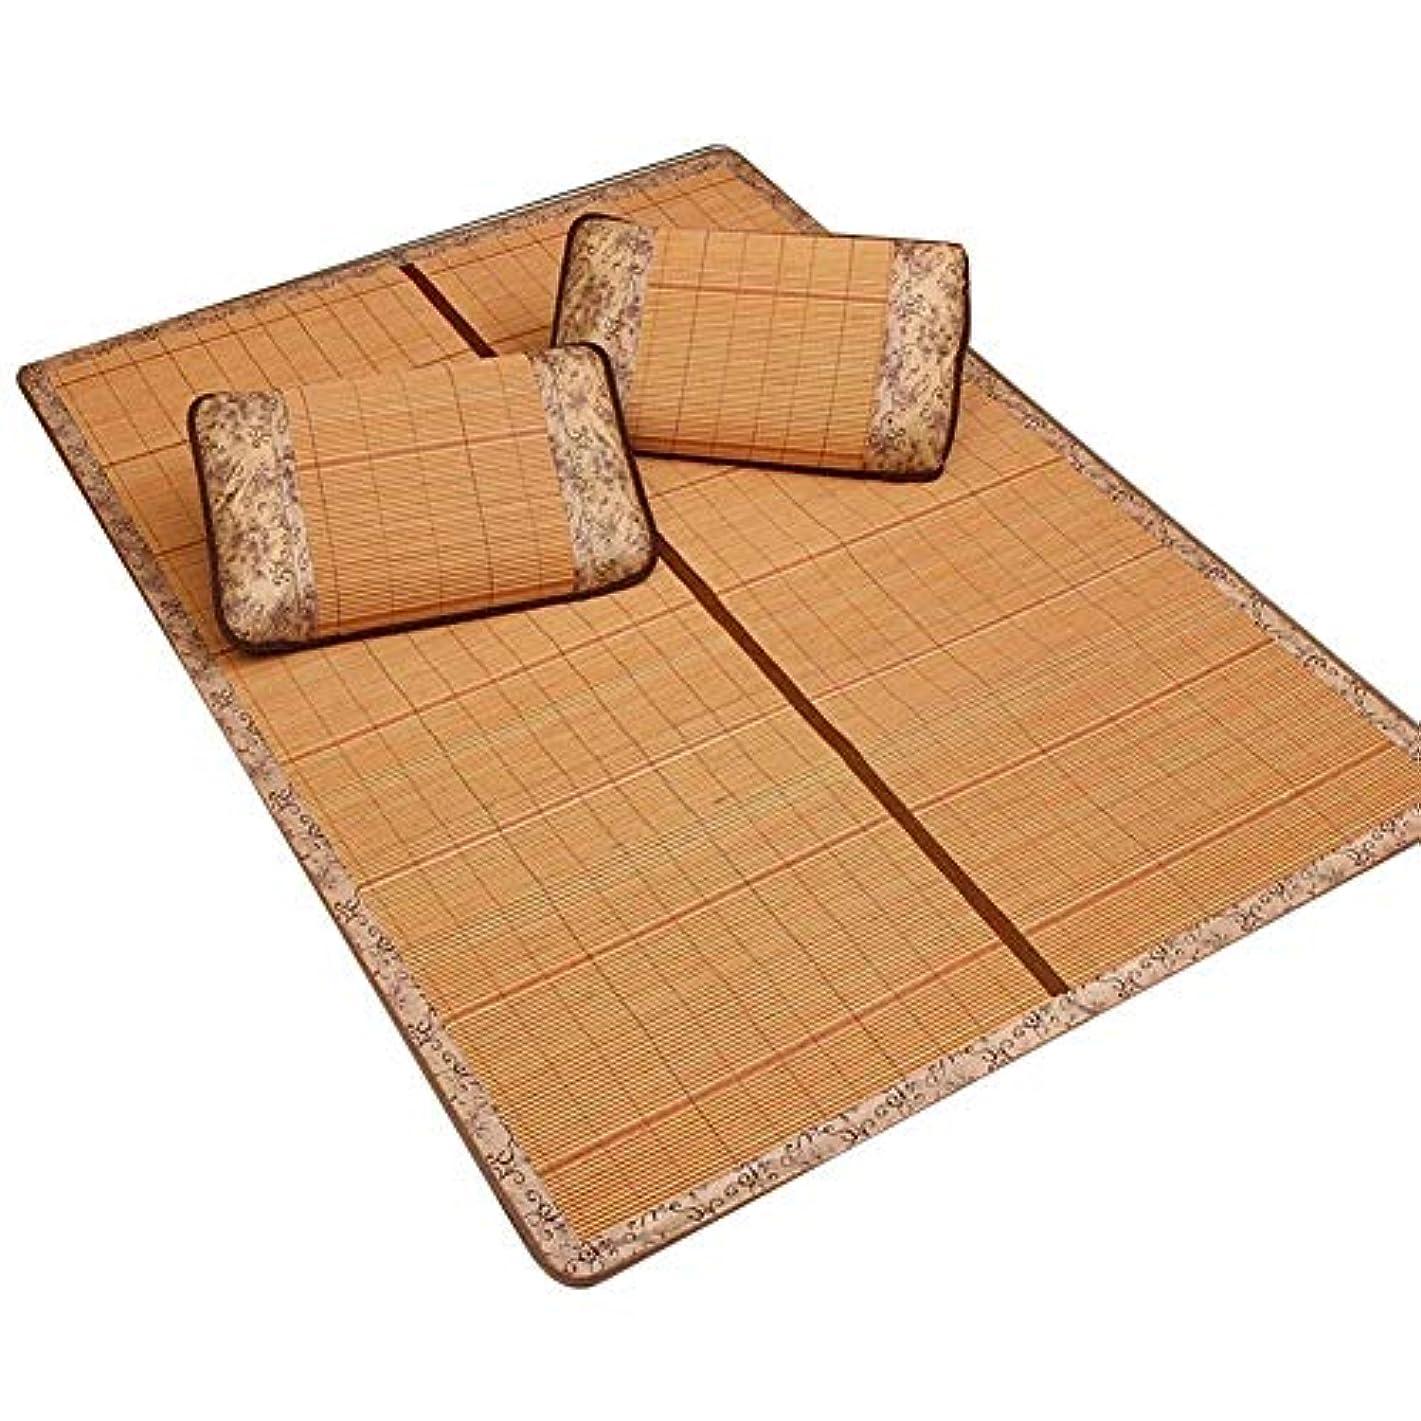 ルールパターン荒野LPD- 夏の睡眠マット エアコン マット マットレス寝具わらマット夏スリーピングパッド折りたたみ学生寮の部屋の寝室3ピースセット7サイズ (Size : 80x190cm)